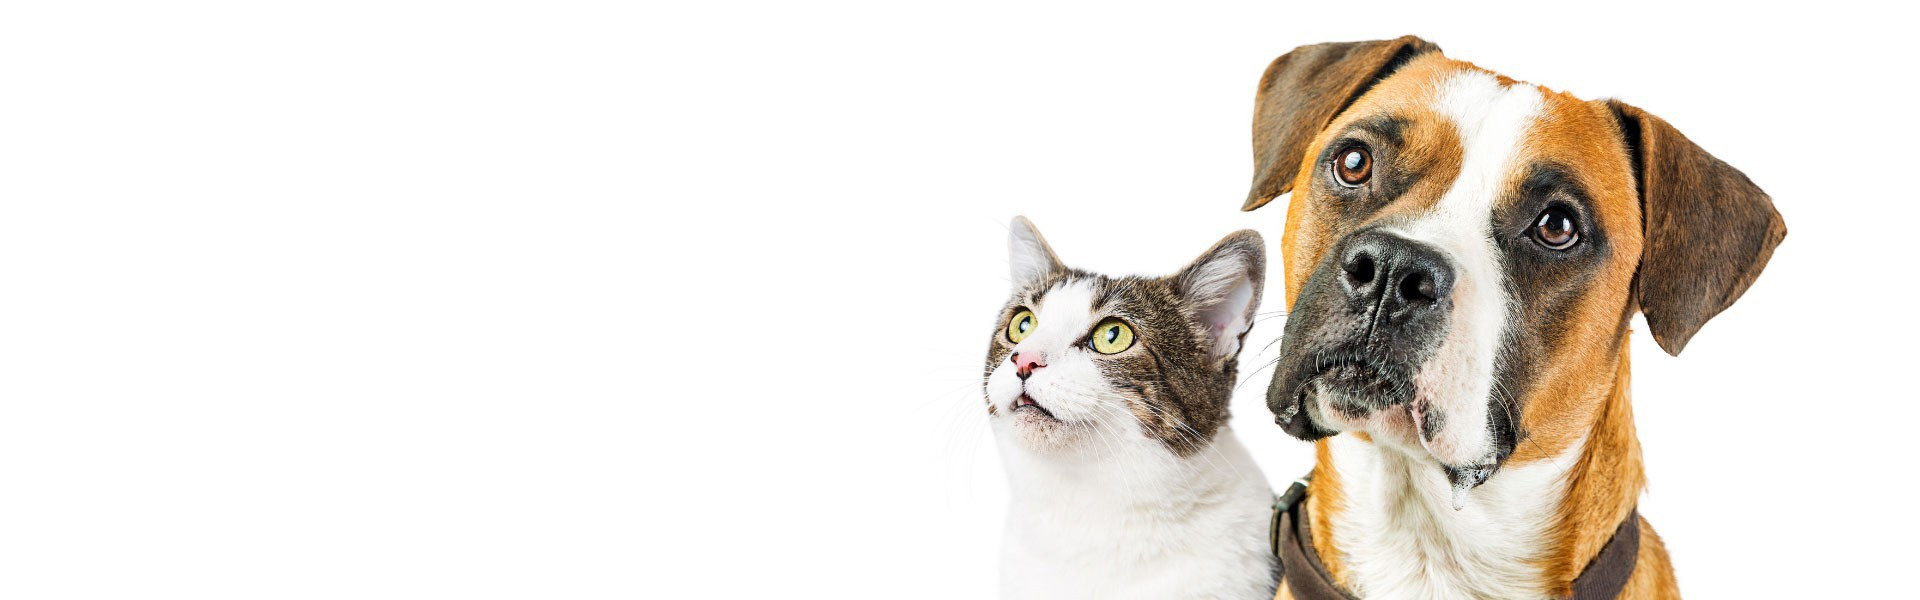 ΚΤΗΝΙΑΤΡΙΚΟΣ ΕΞΟΠΛΙΣΜΟΣ & ΕΙΔΗ PET  Δημιουργήστε επαγγελματικό λογαριασμό για να αποκτήσετε πρόσβαση